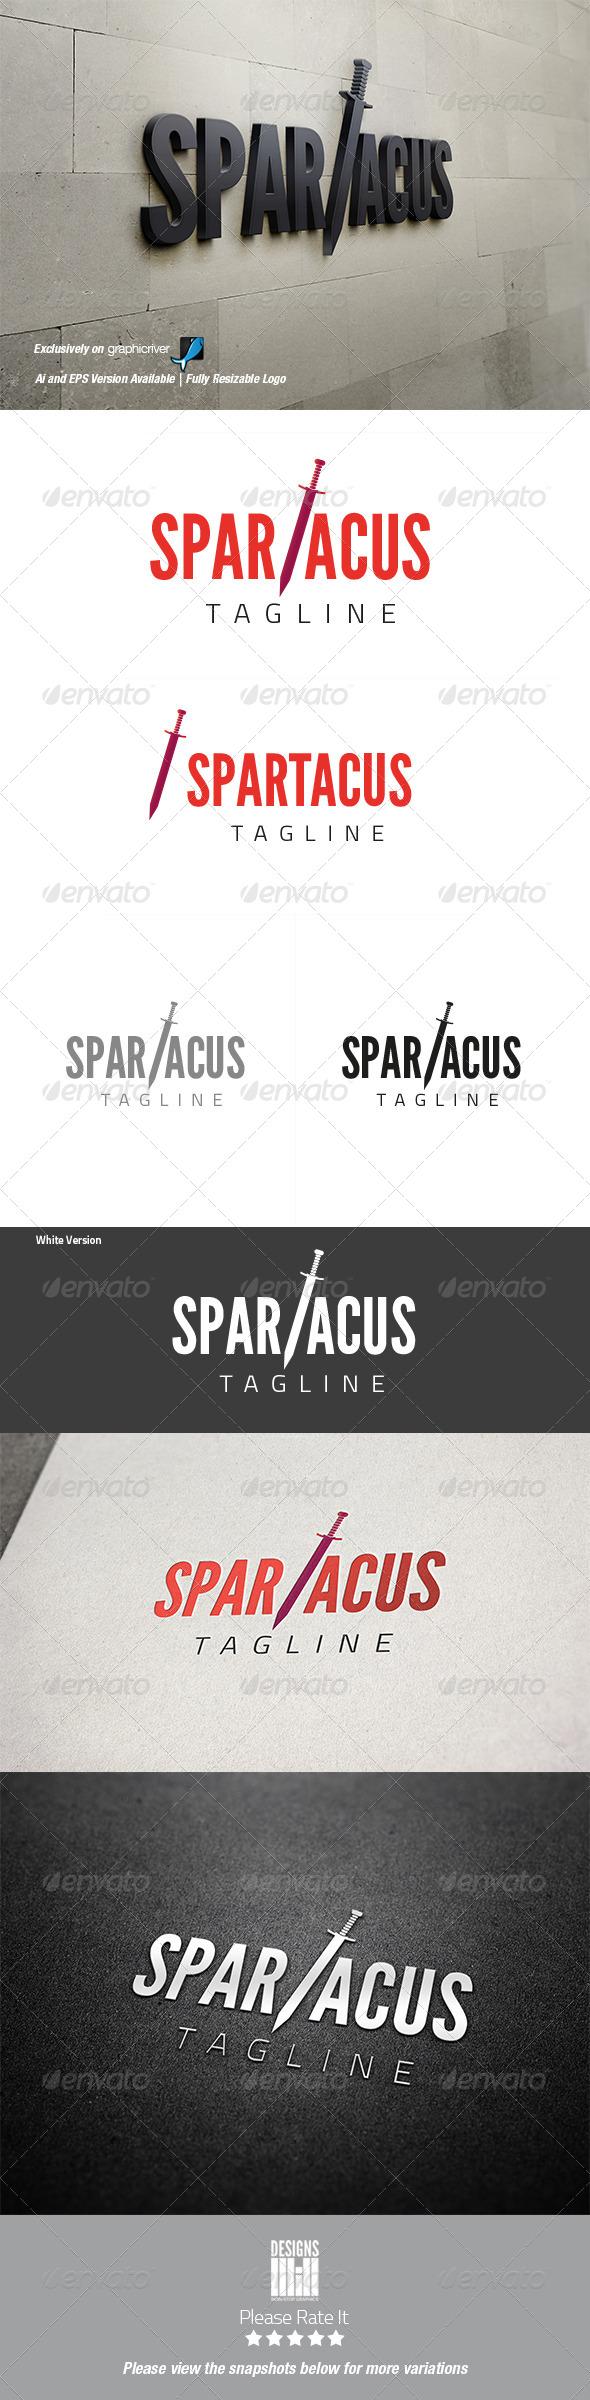 Spartacus Logo - Abstract Logo Templates